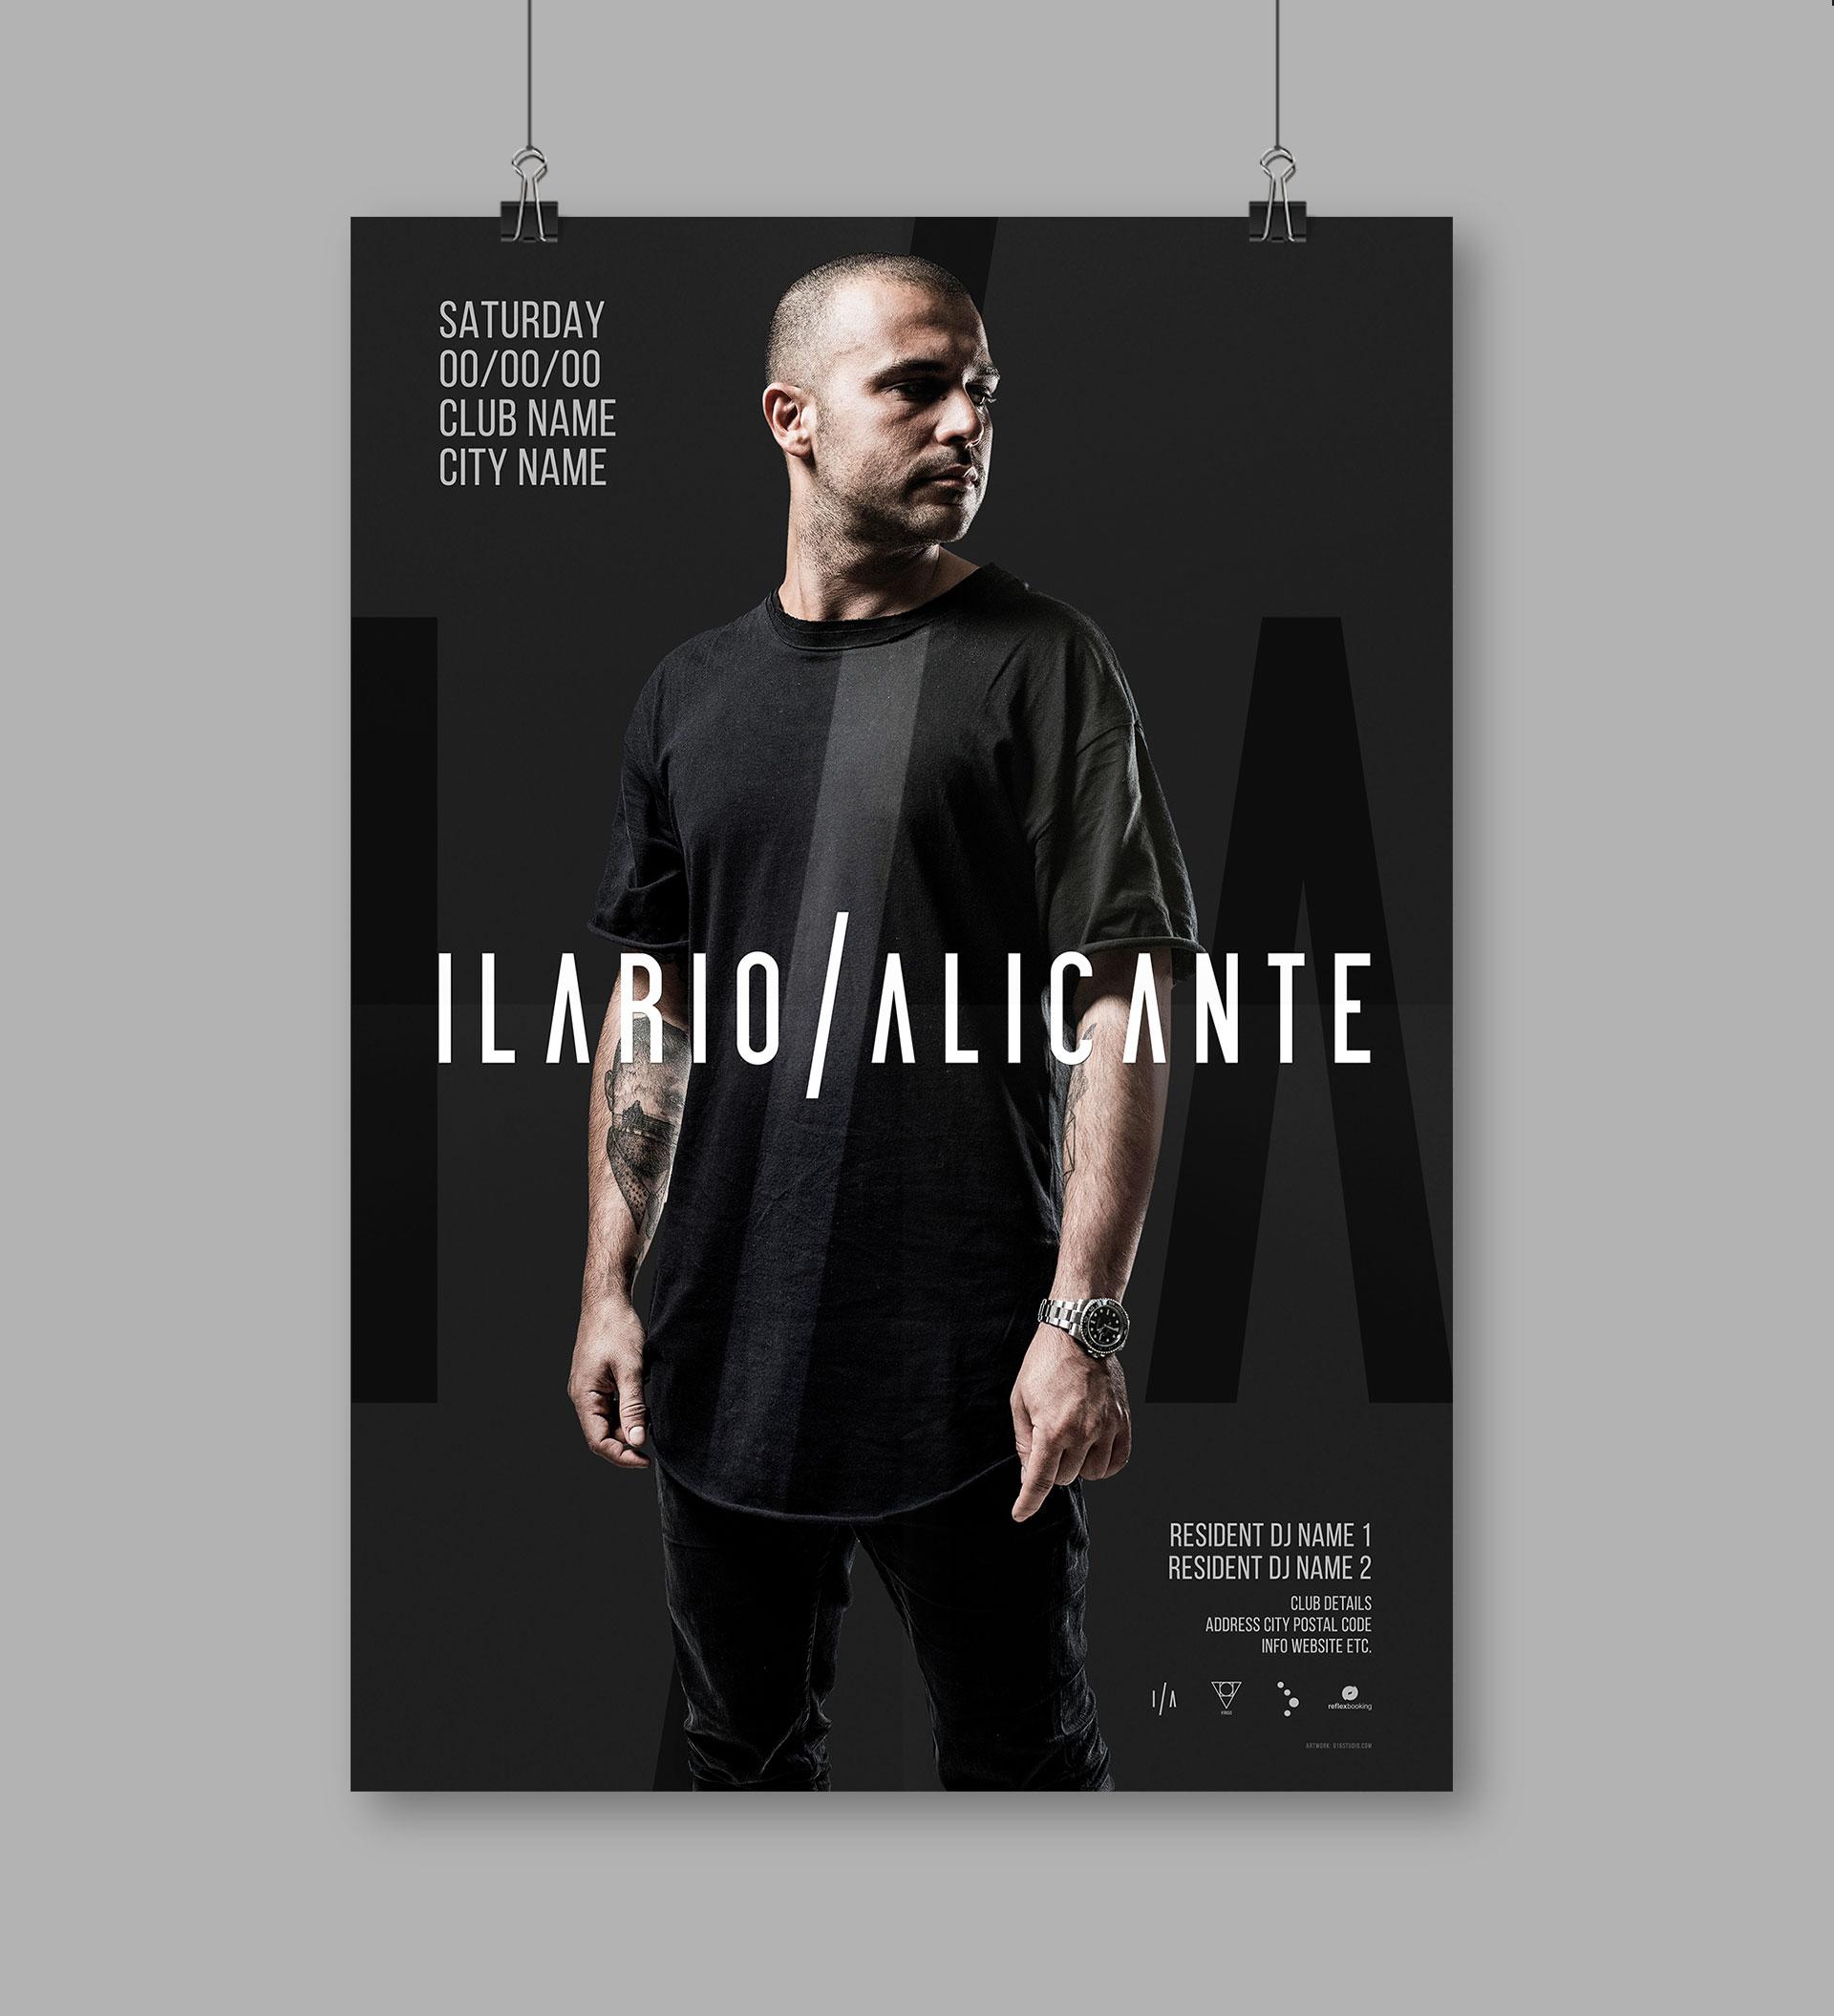 ilario-alicante-poster